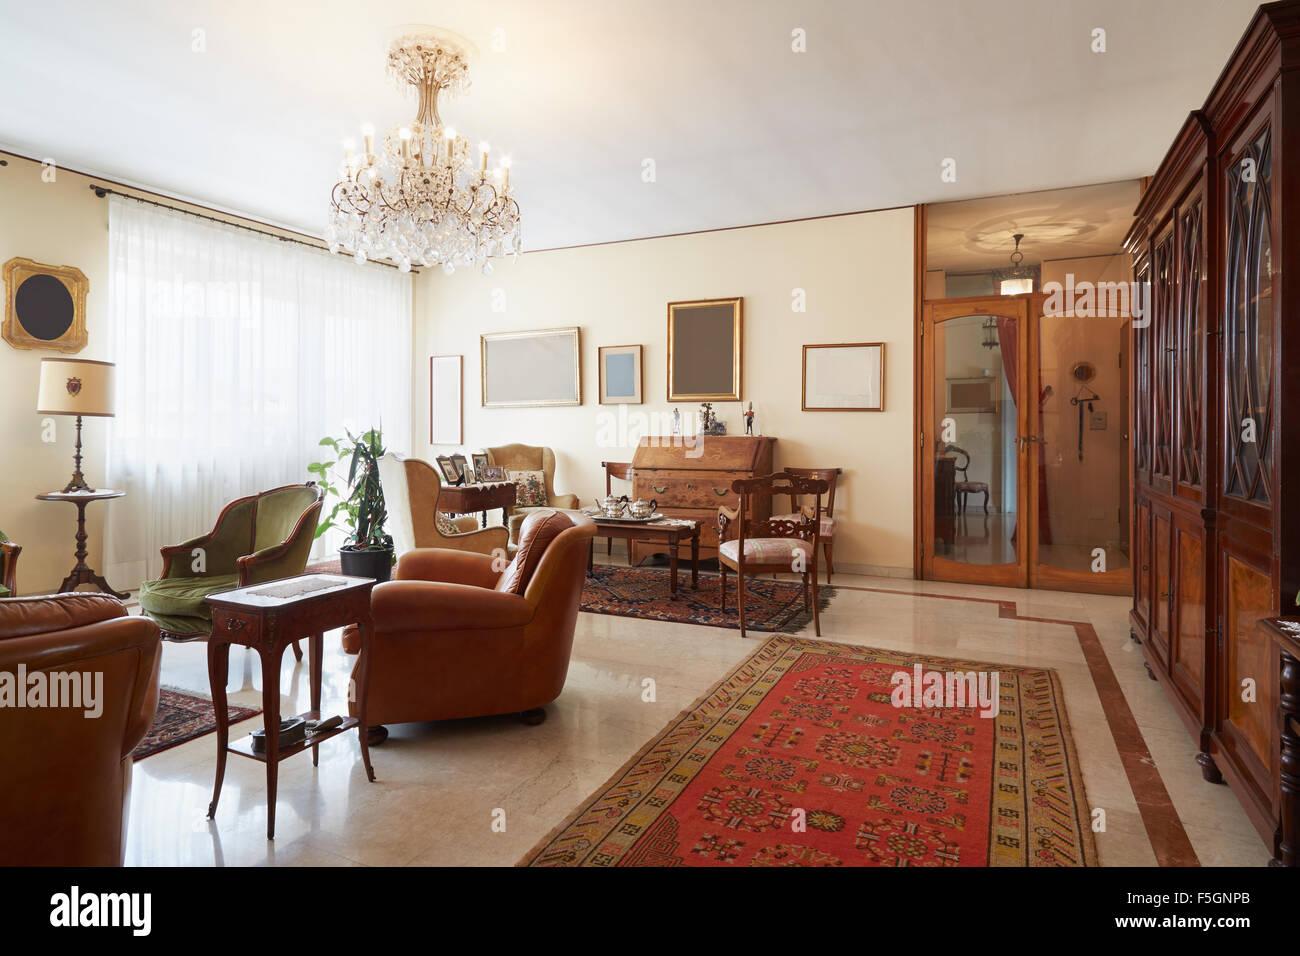 Wohnzimmer Klassische Italienische Einrichtung Mit Antiquitaten